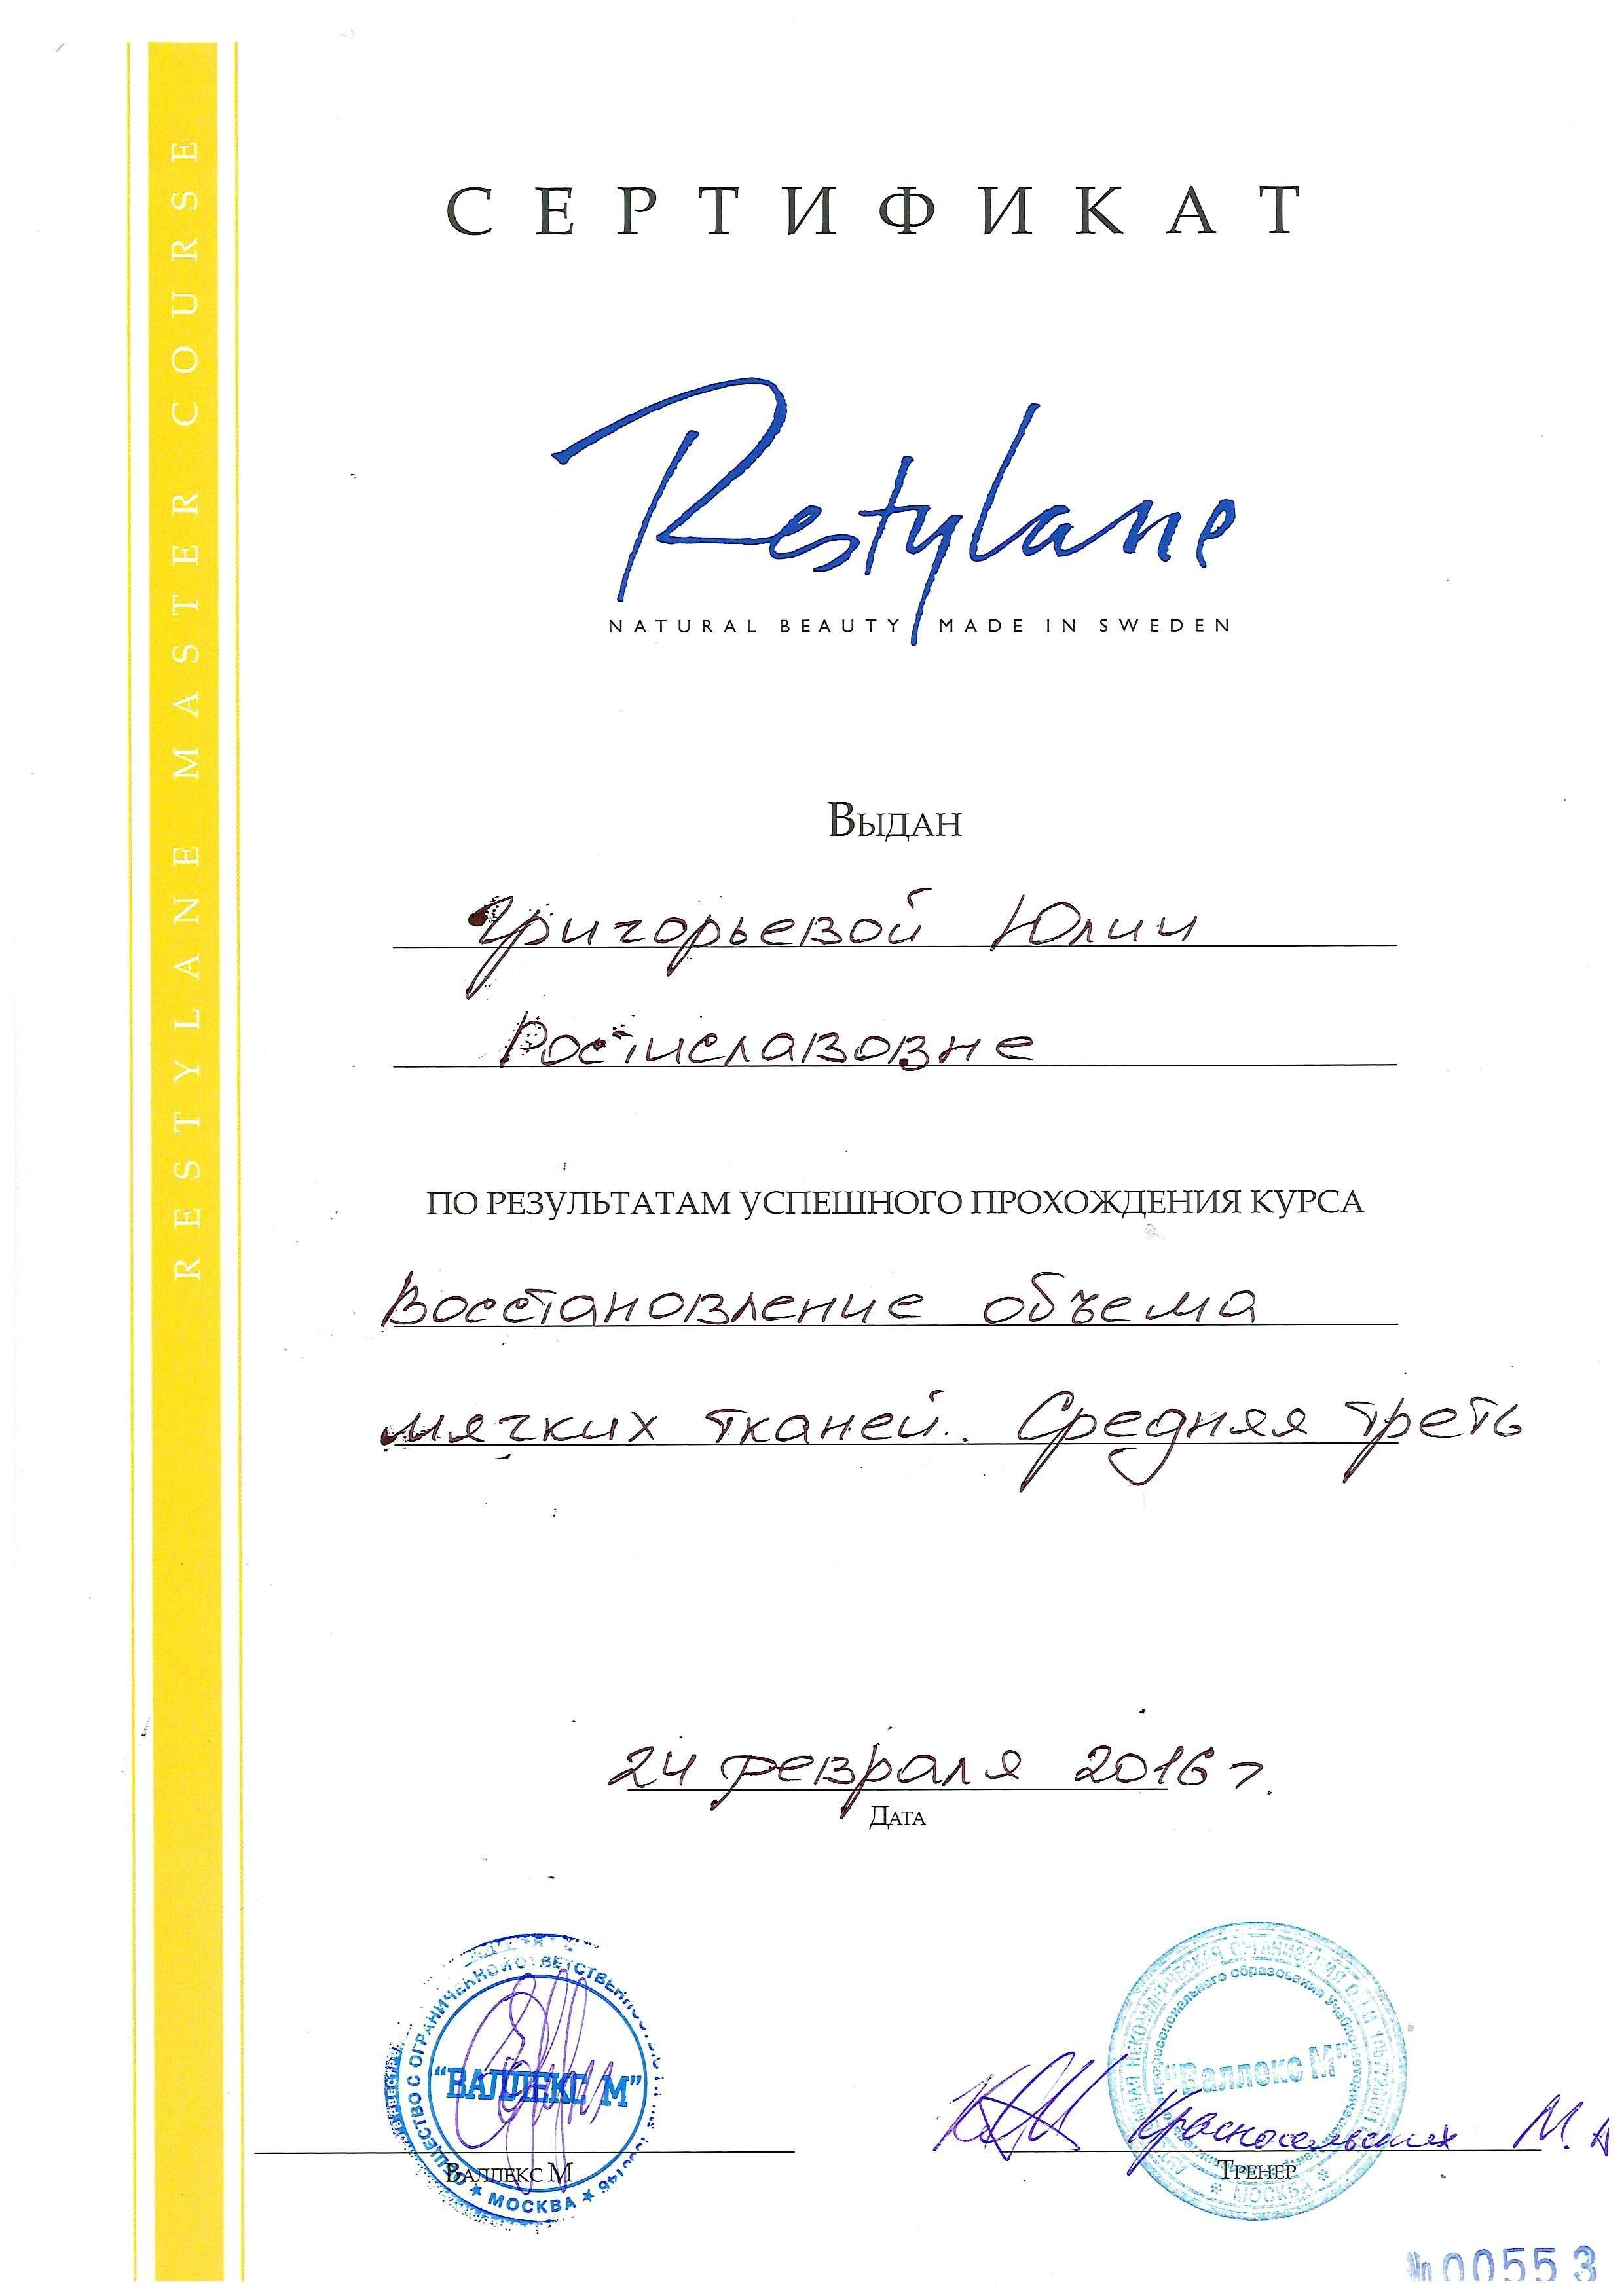 Сертификат Григорьева 6